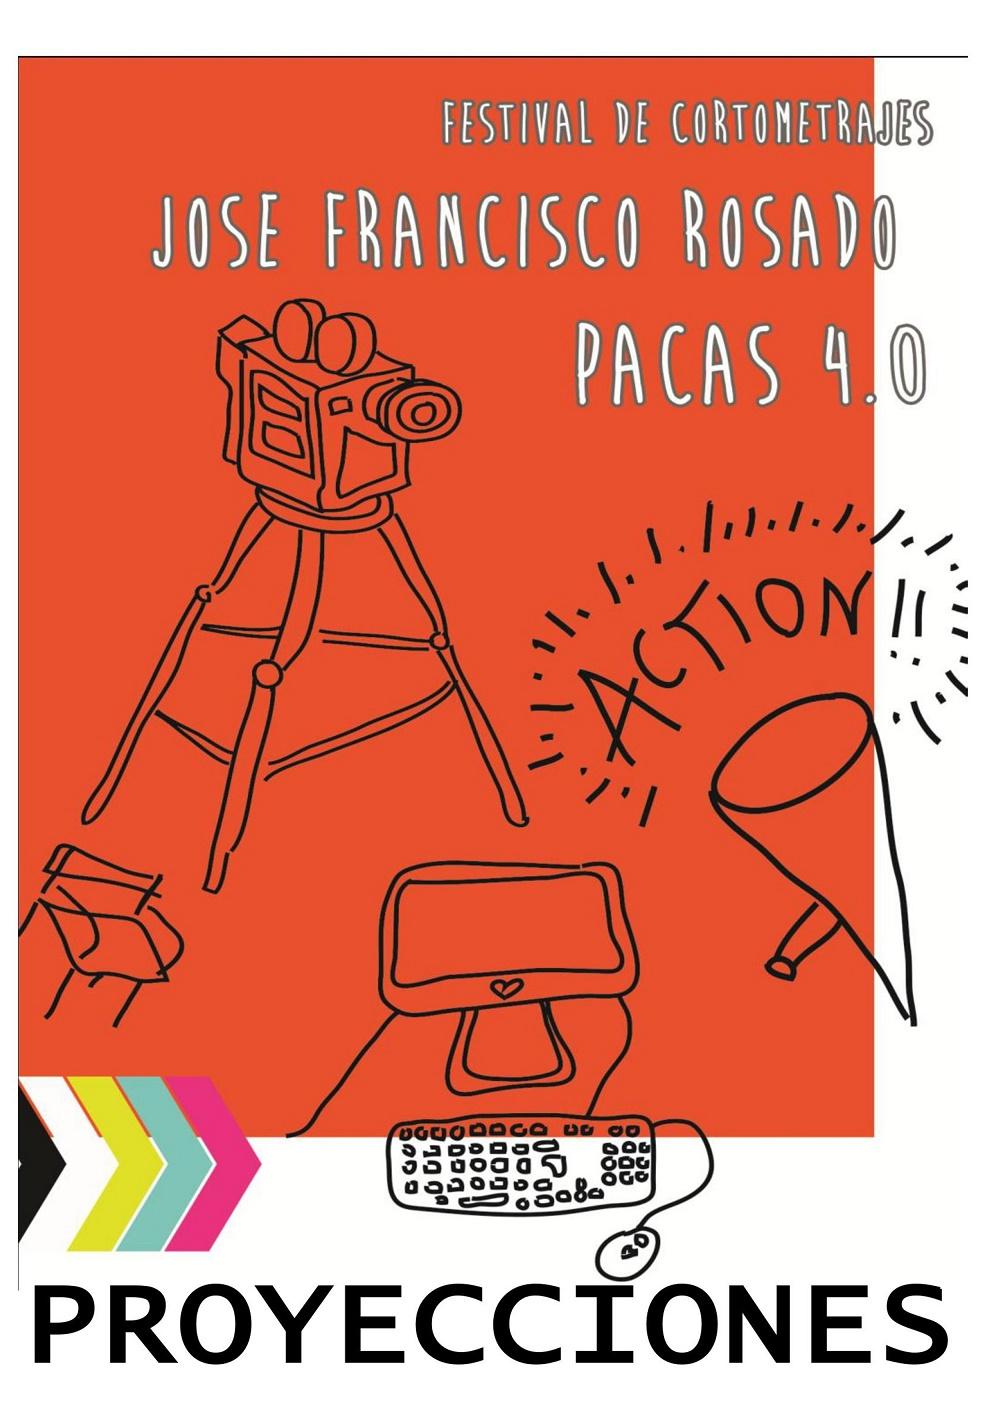 """Comienzan las proyecciones de cortos del Festival de Cortometrajes """"José Francisco Rosado, PACAS 4.0."""" en Pedro Muñoz"""